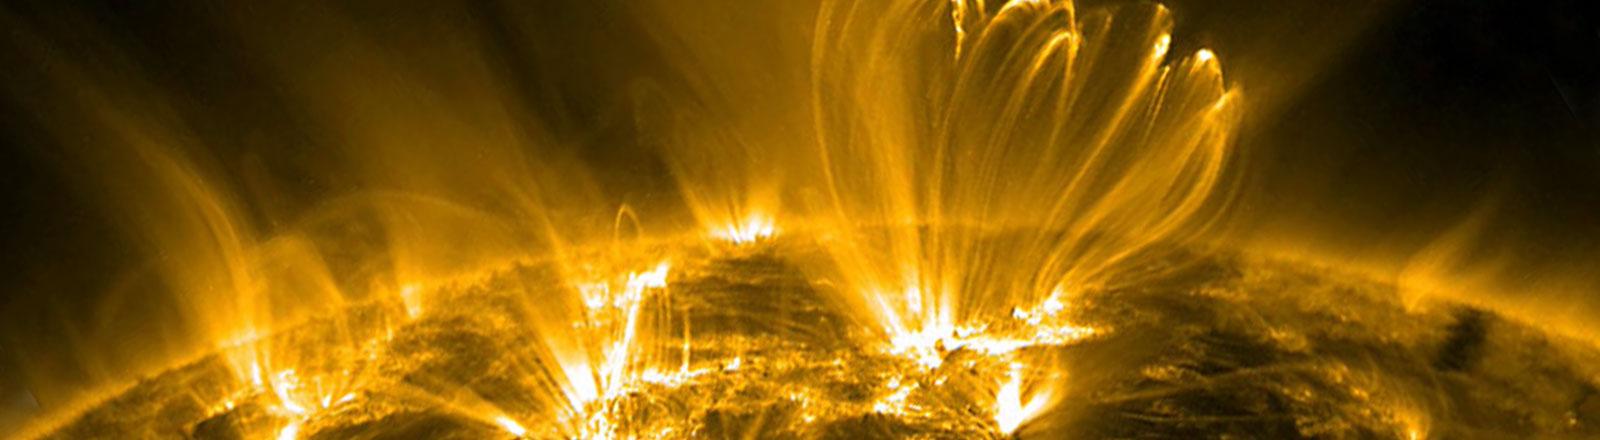 Im Januar und Juli 2012 jagten die stärksten Sonnenstürme seit 2005 auf die Erde zu.